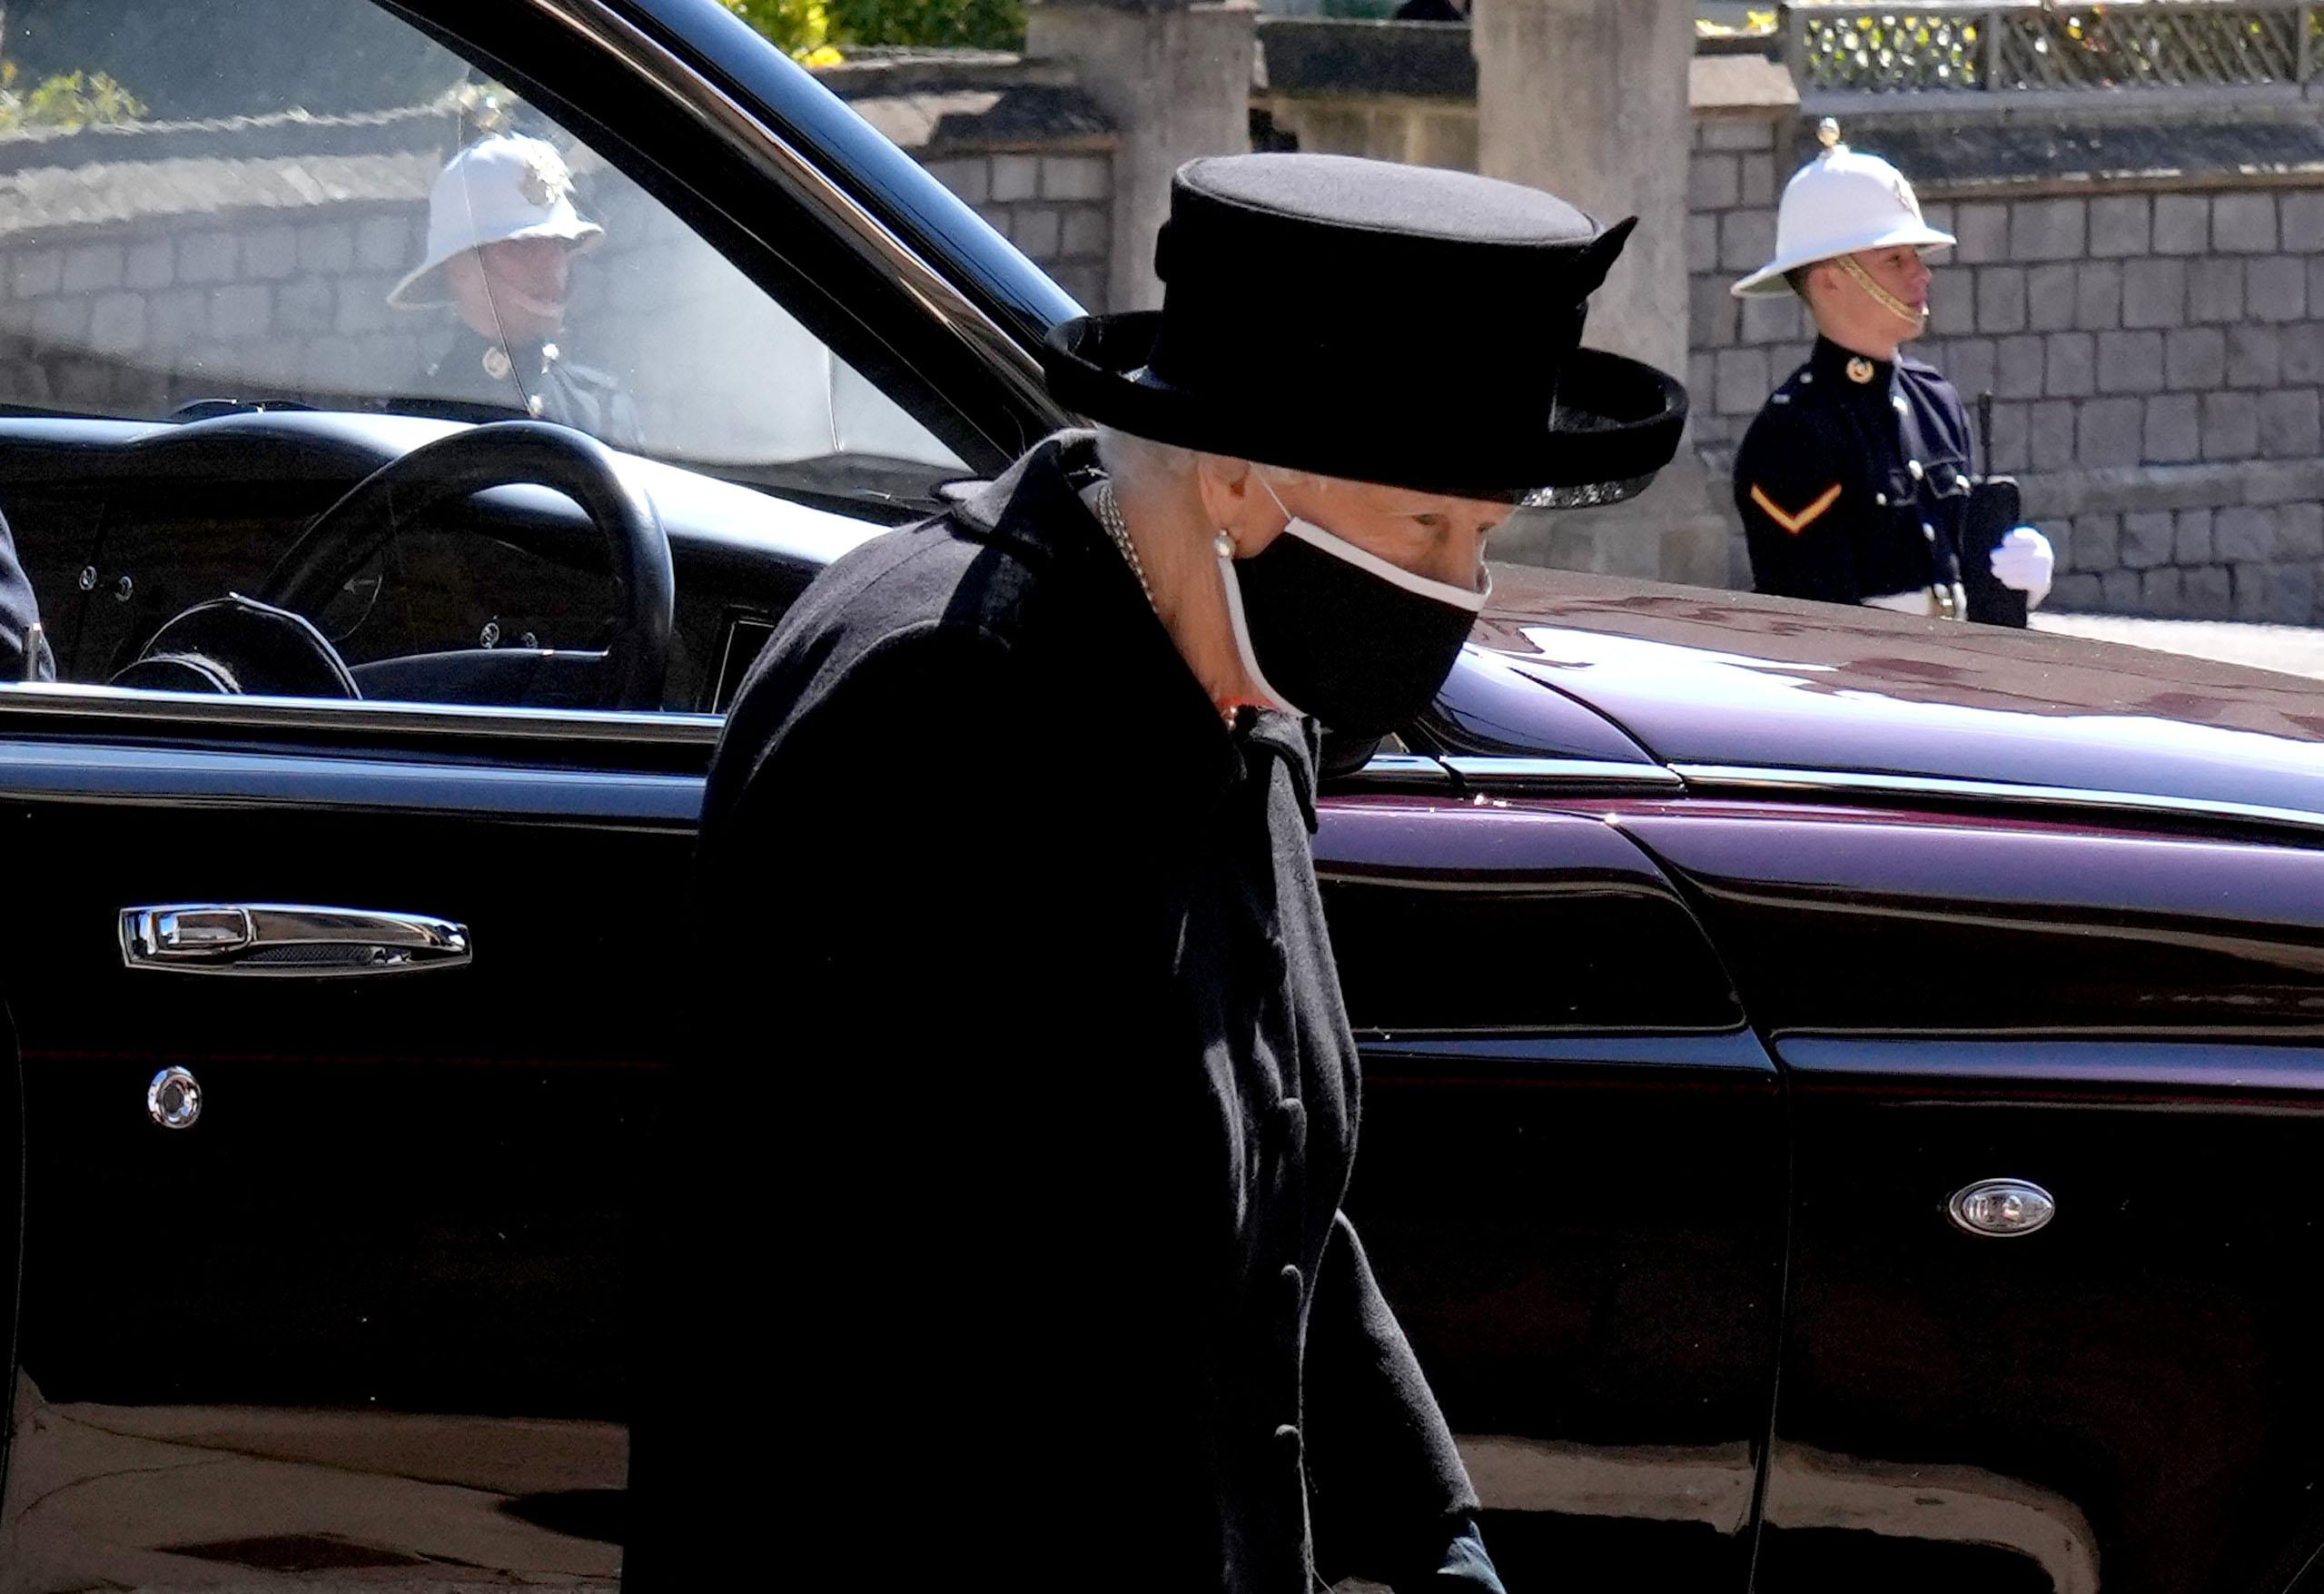 Μαύρα γενέθλια για την Βασίλισσα Ελισάβετ – Η ανάρτηση για την σημερινή ημέρα